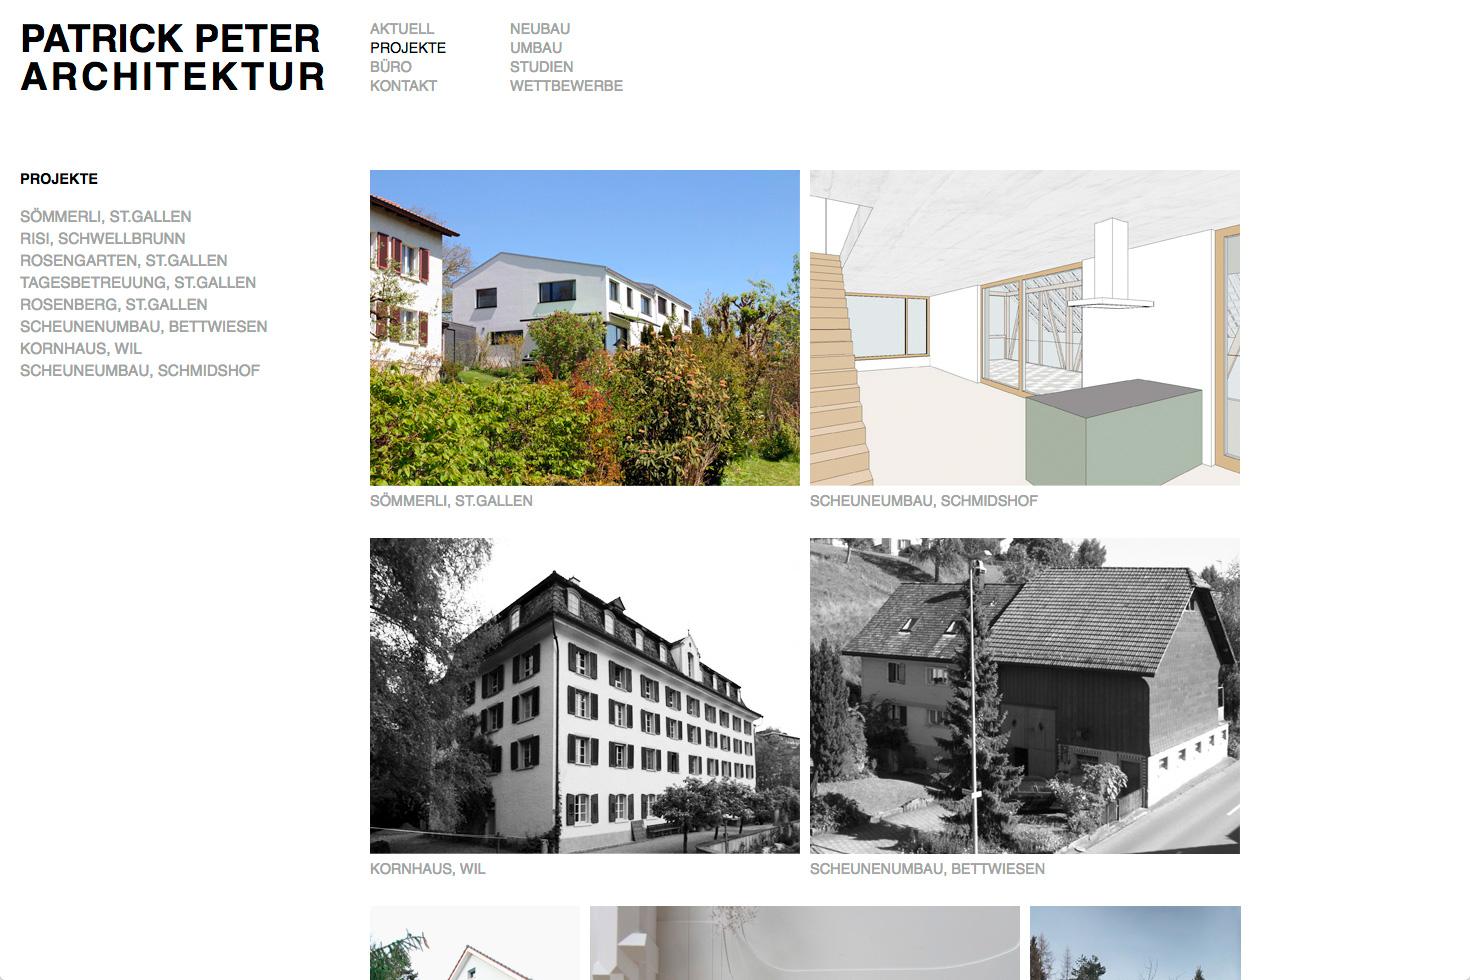 Bild 2 vom Patrickpeter-Architektur Webseite